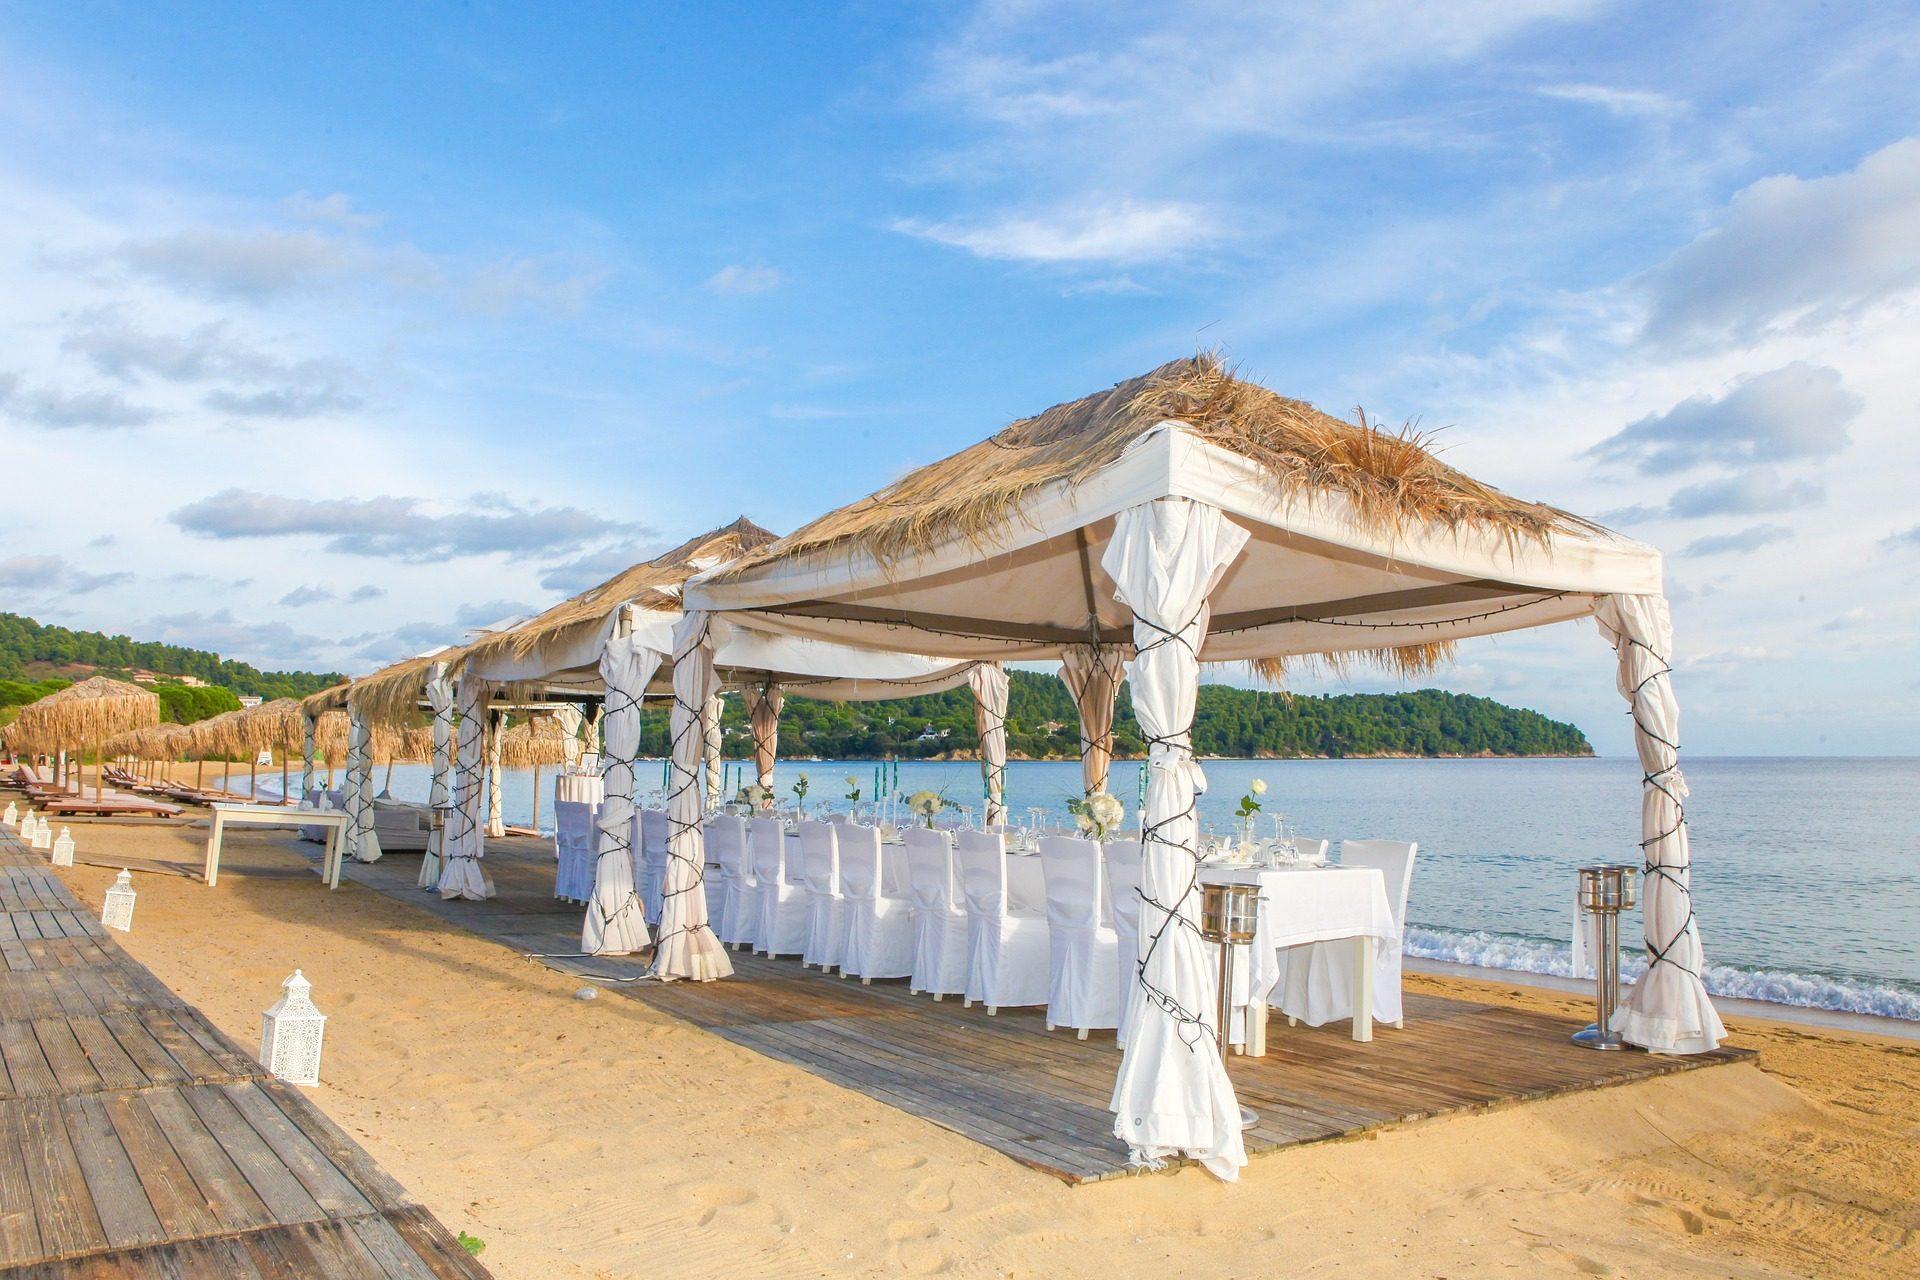 婚礼, 帐篷, 椅子, 表, 海滩, 沙子, 海岸 - 高清壁纸 - 教授-falken.com